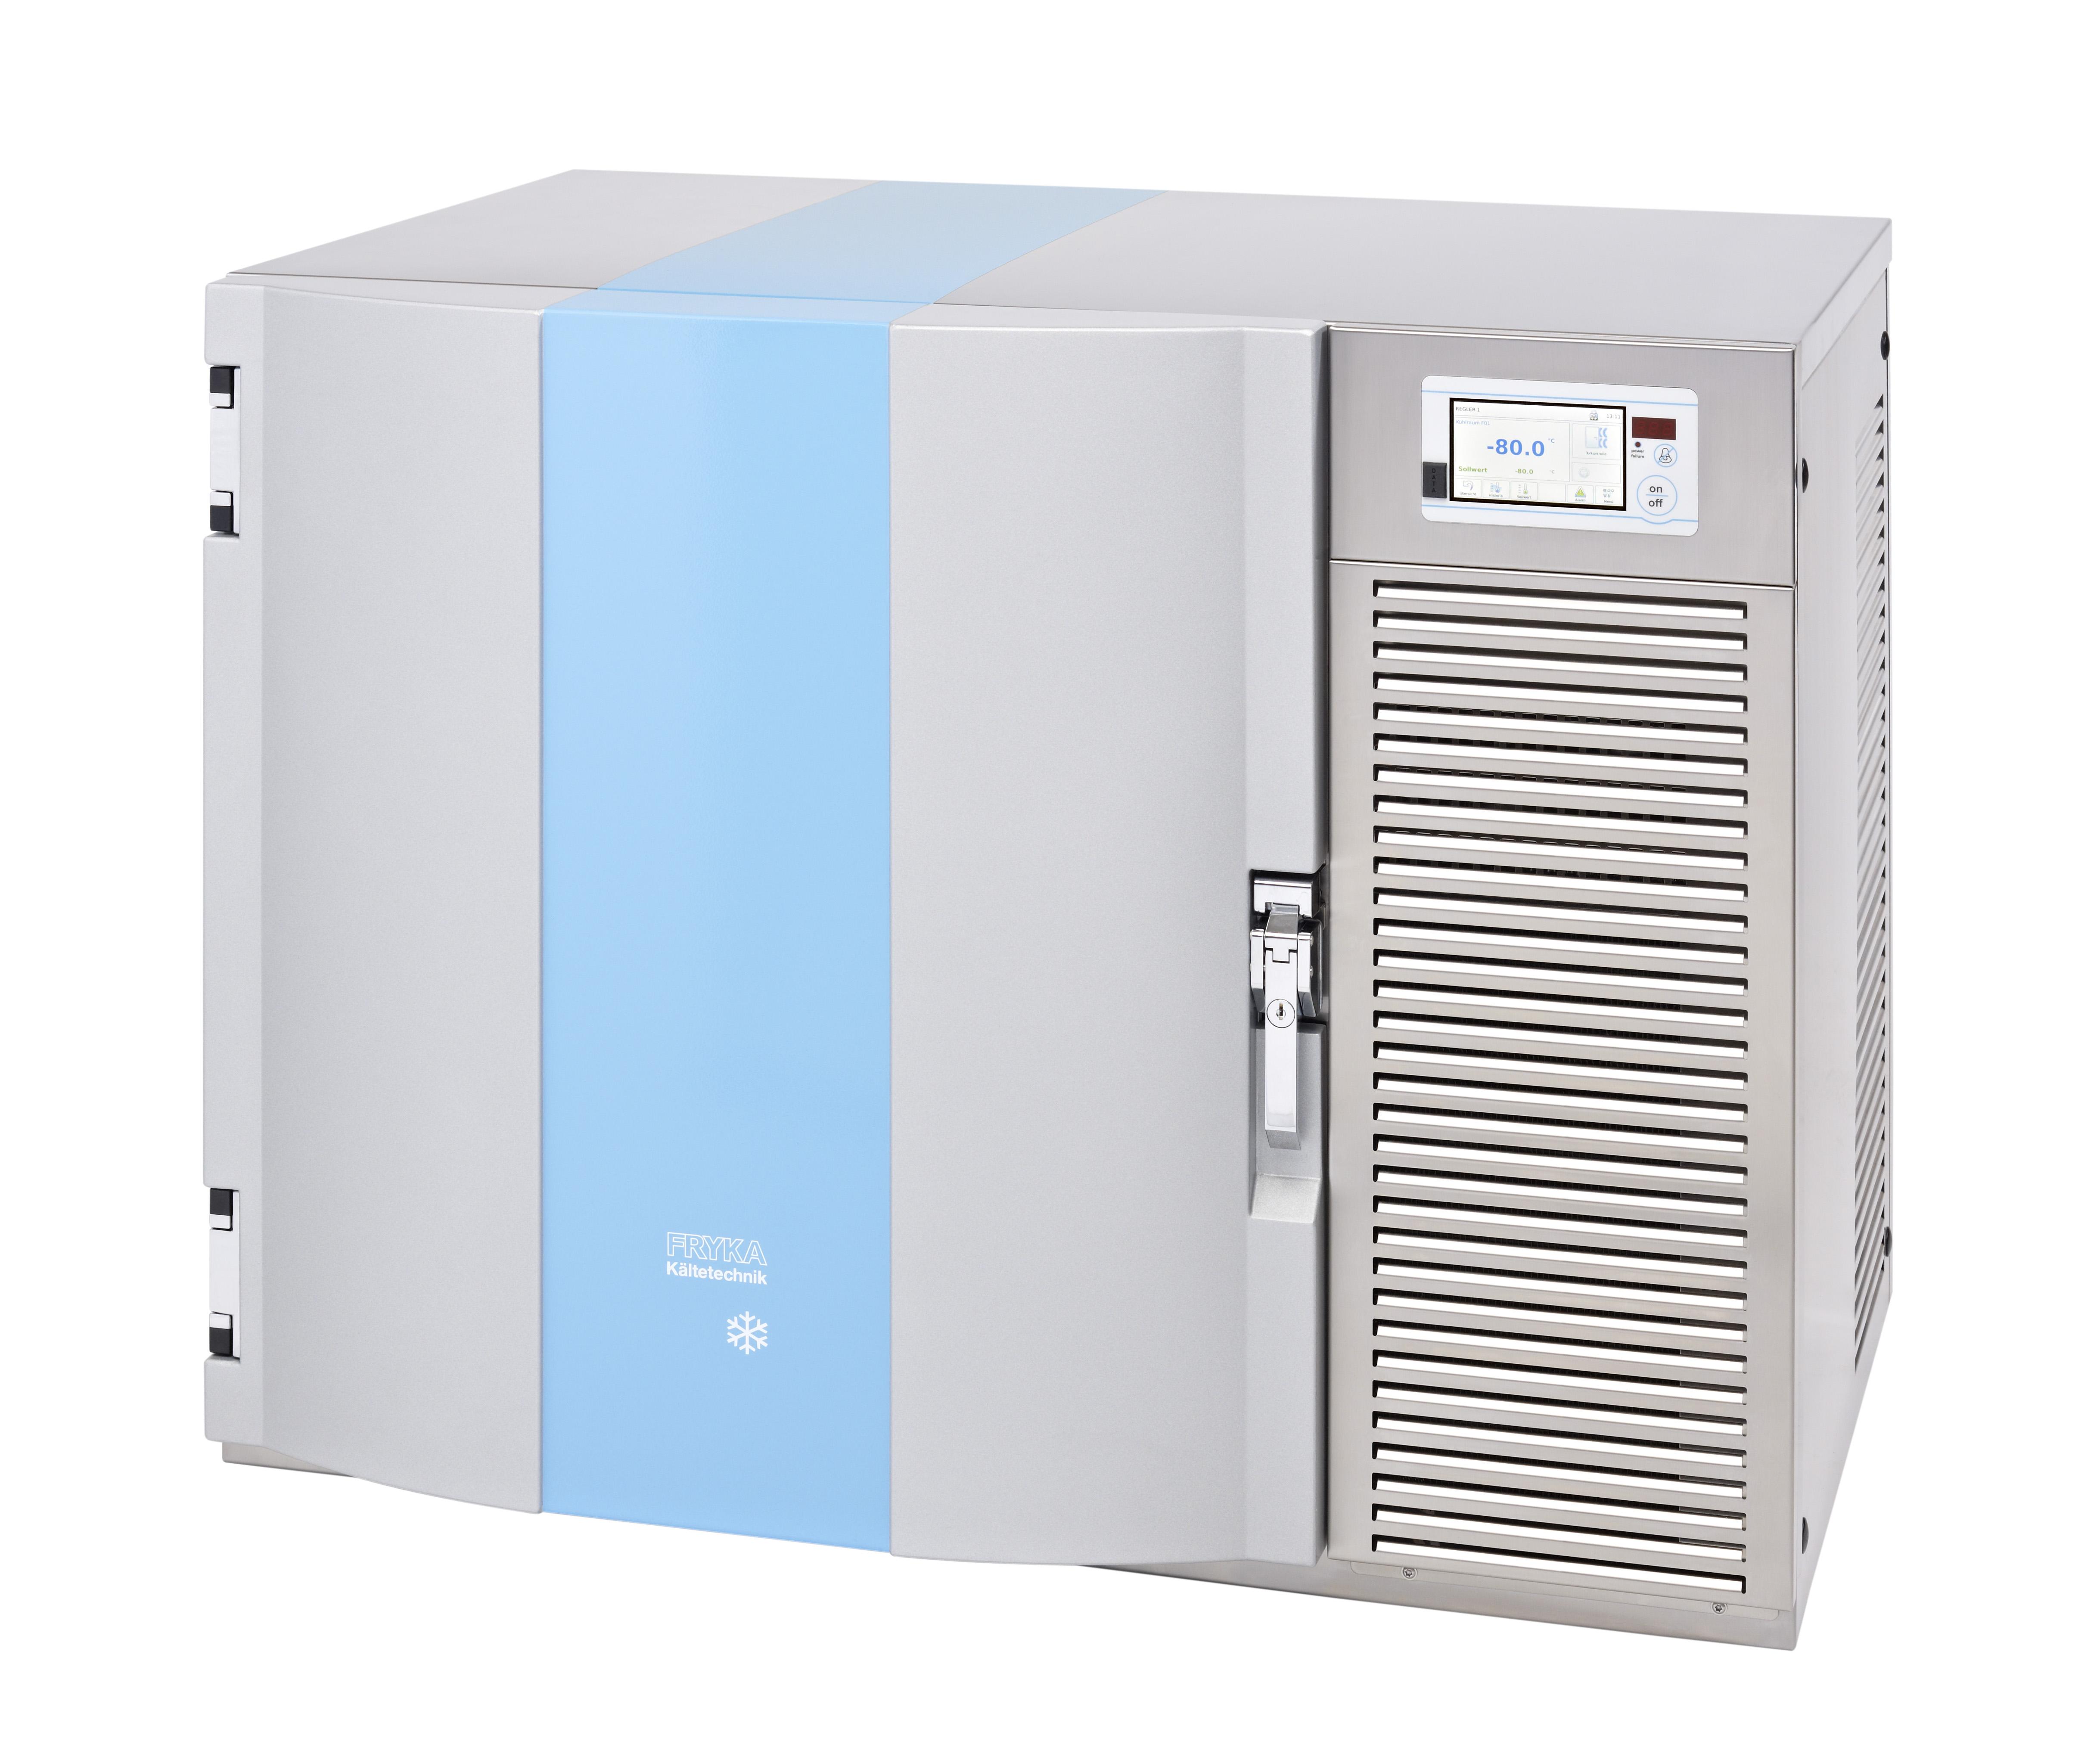 FRYKA Tiefkühlunterbauschrank TUS 50-100 logg (-10? bis -50? C)